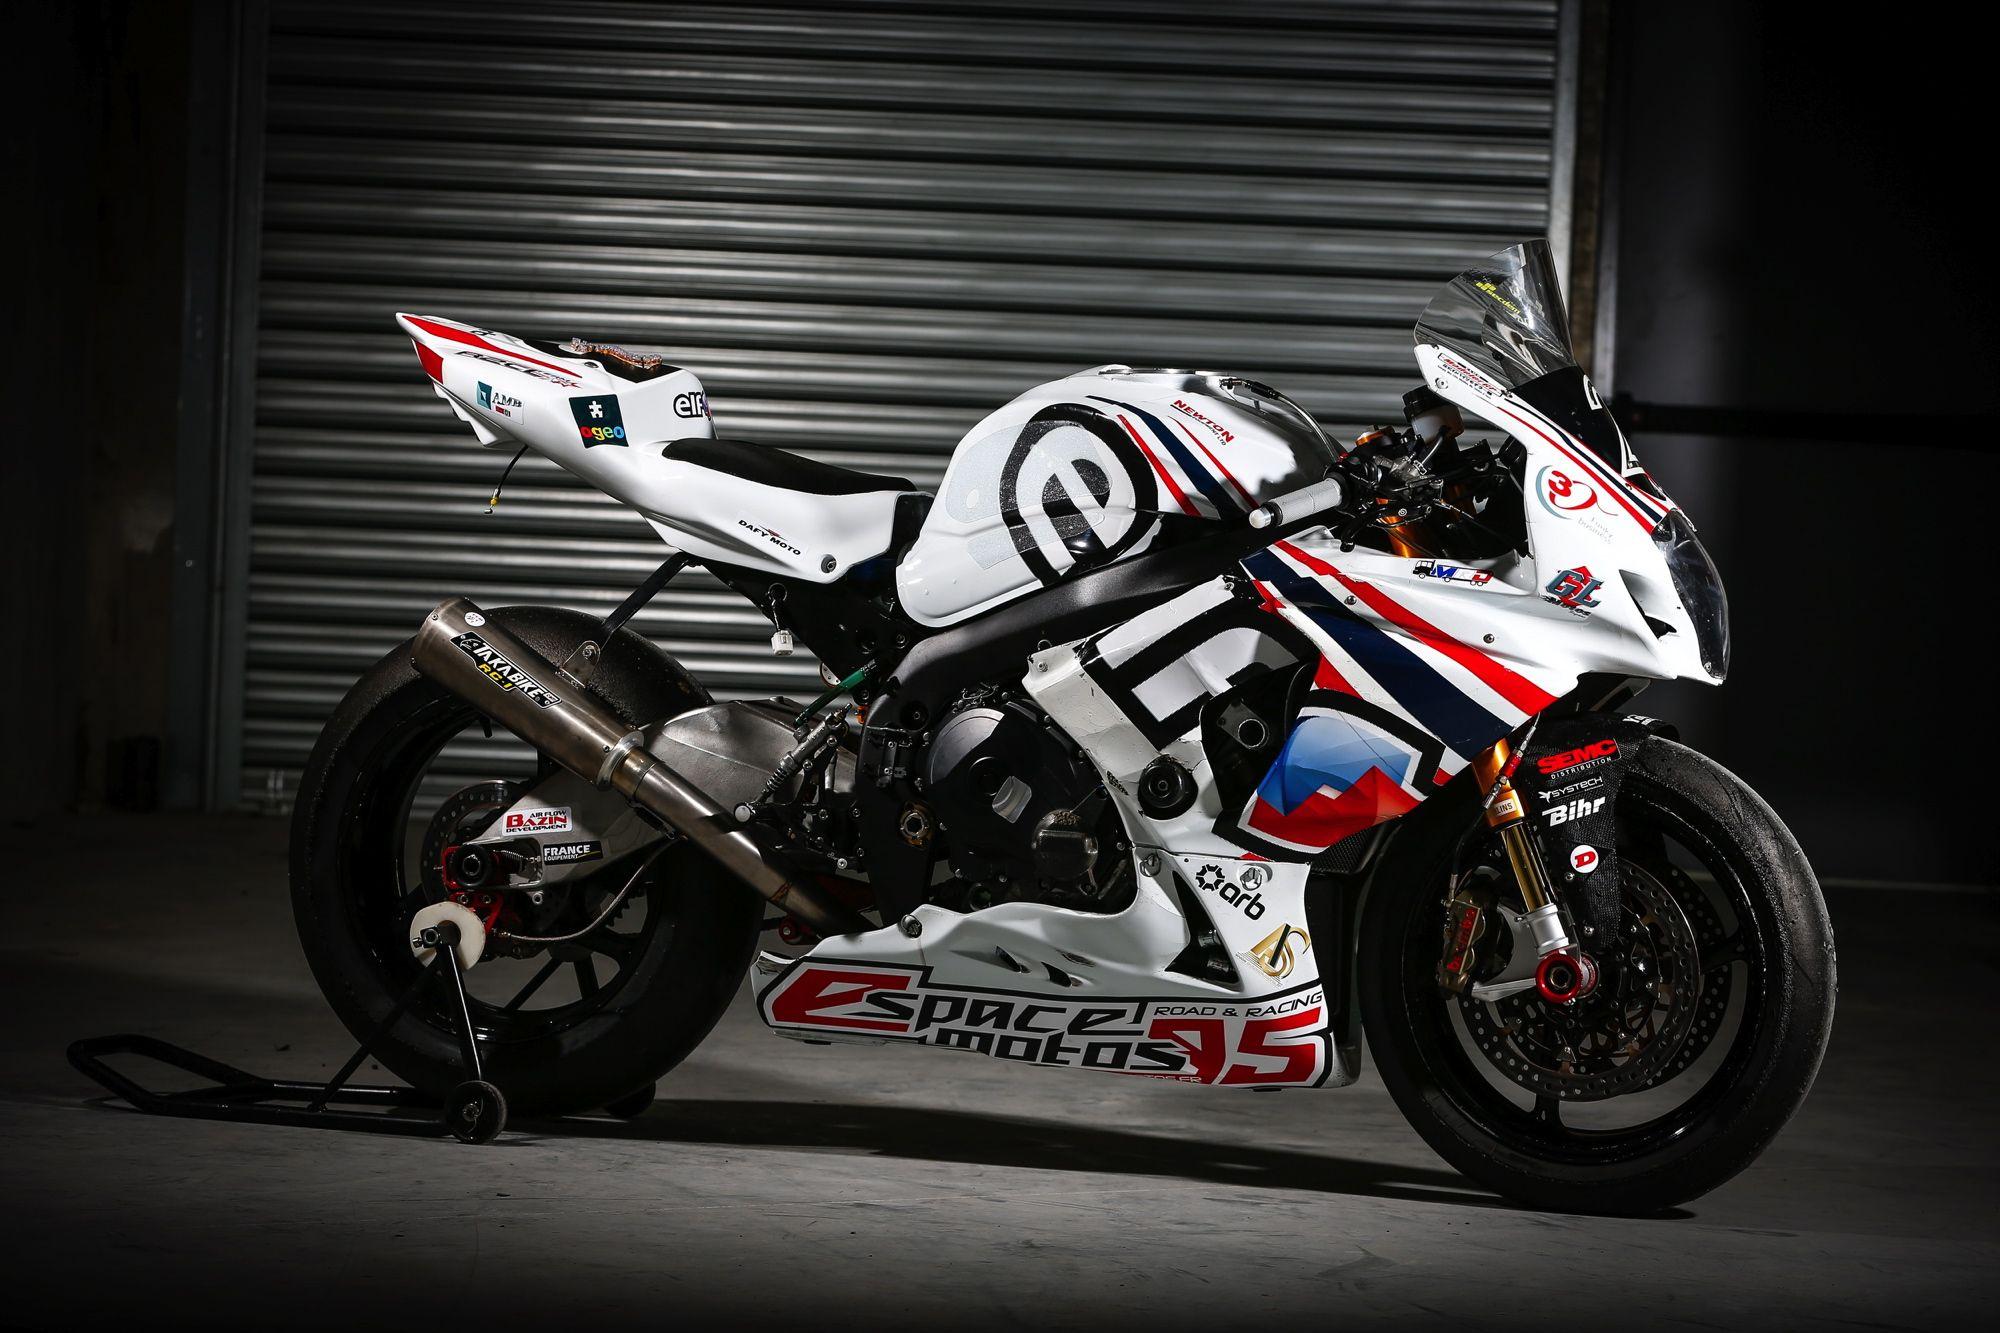 Team R2cl 2 Motorcycle Suzuki Gsx R 1000 Tyres Dunlop Class